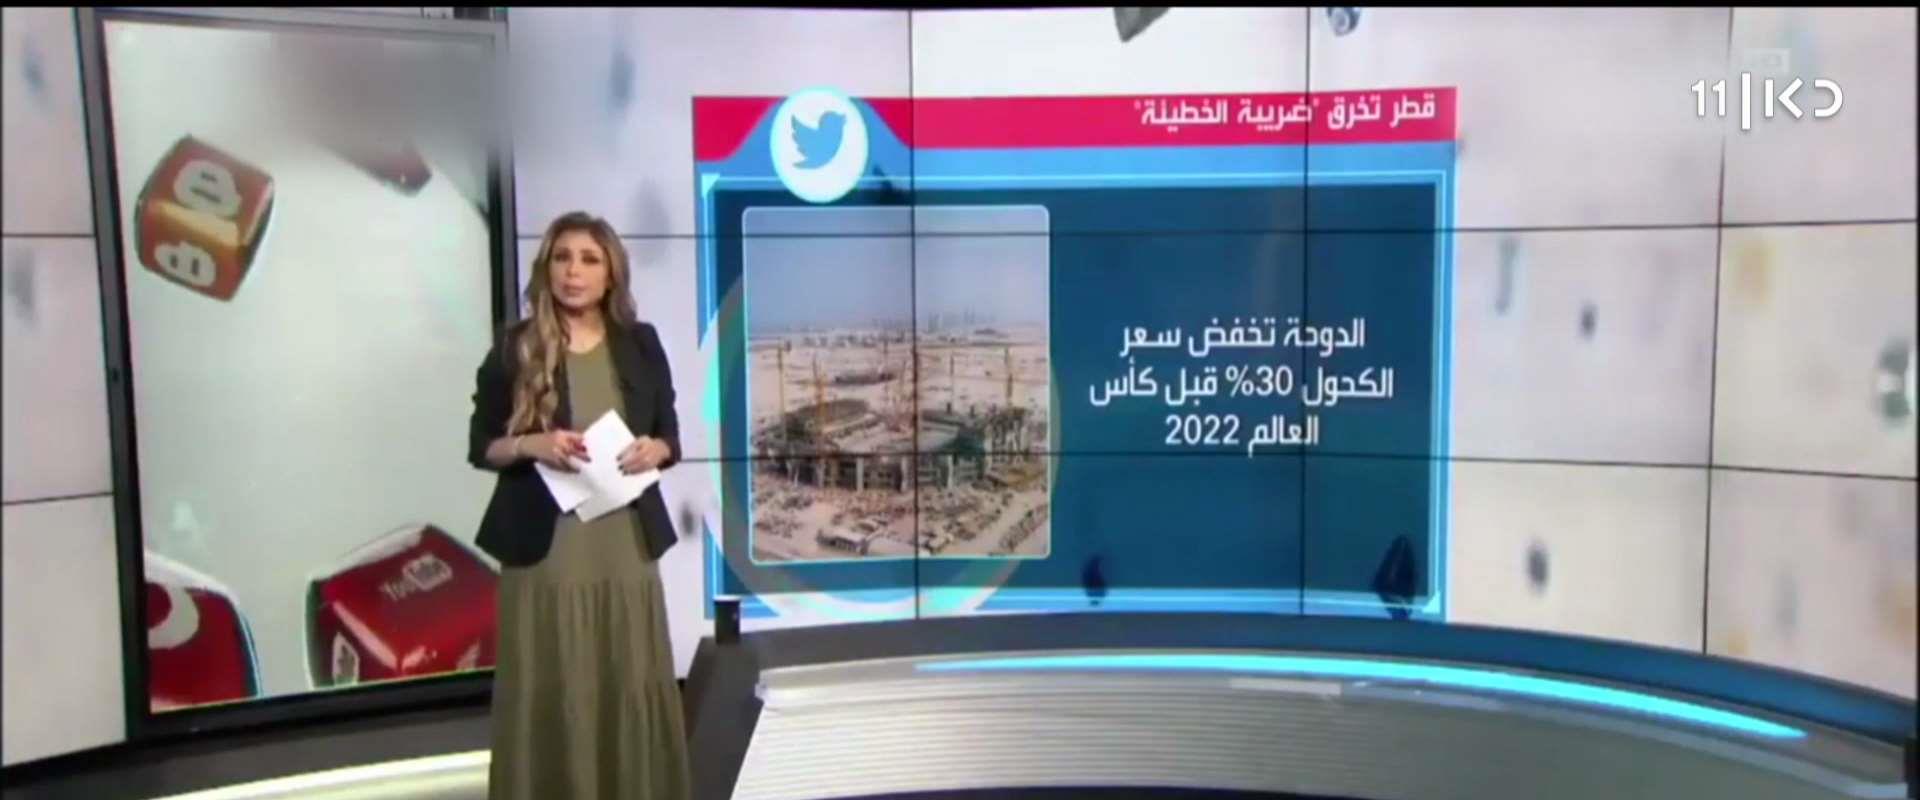 השדרנית הסעודית